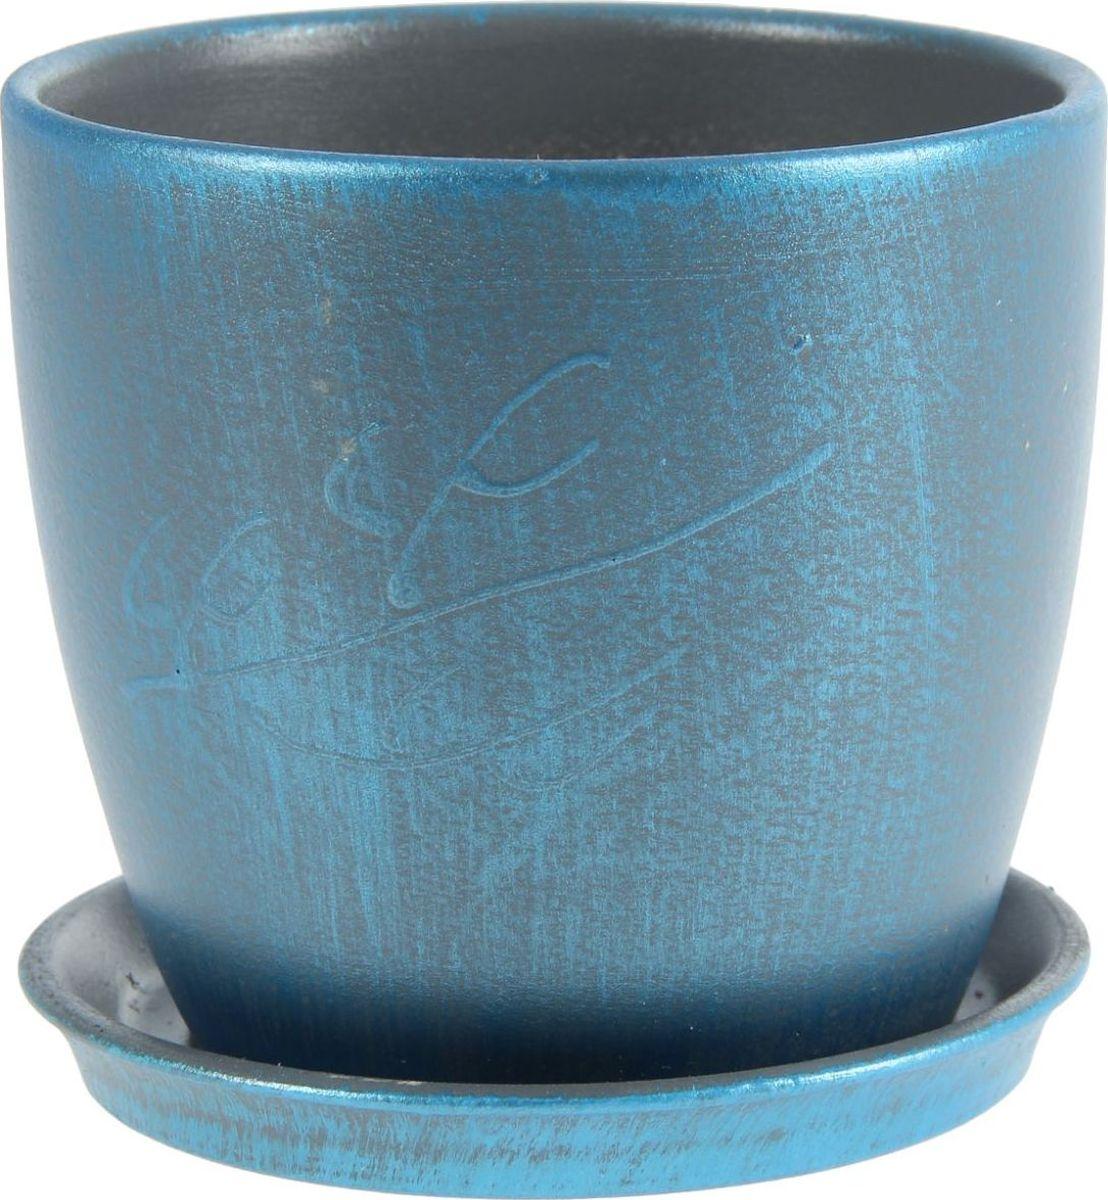 Кашпо Керамика ручной работы Осень. Патина, цвет: синий, 1 л1144937Комнатные растения — всеобщие любимцы. Они радуют глаз, насыщают помещение кислородом и украшают пространство. Каждому из них необходим свой удобный и красивый дом. Кашпо из керамики прекрасно подходят для высадки растений: за счёт пластичности глины и разных способов обработки существует великое множество форм и дизайновпористый материал позволяет испаряться лишней влагевоздух, необходимый для дыхания корней, проникает сквозь керамические стенки! #name# позаботится о зелёном питомце, освежит интерьер и подчеркнёт его стиль.